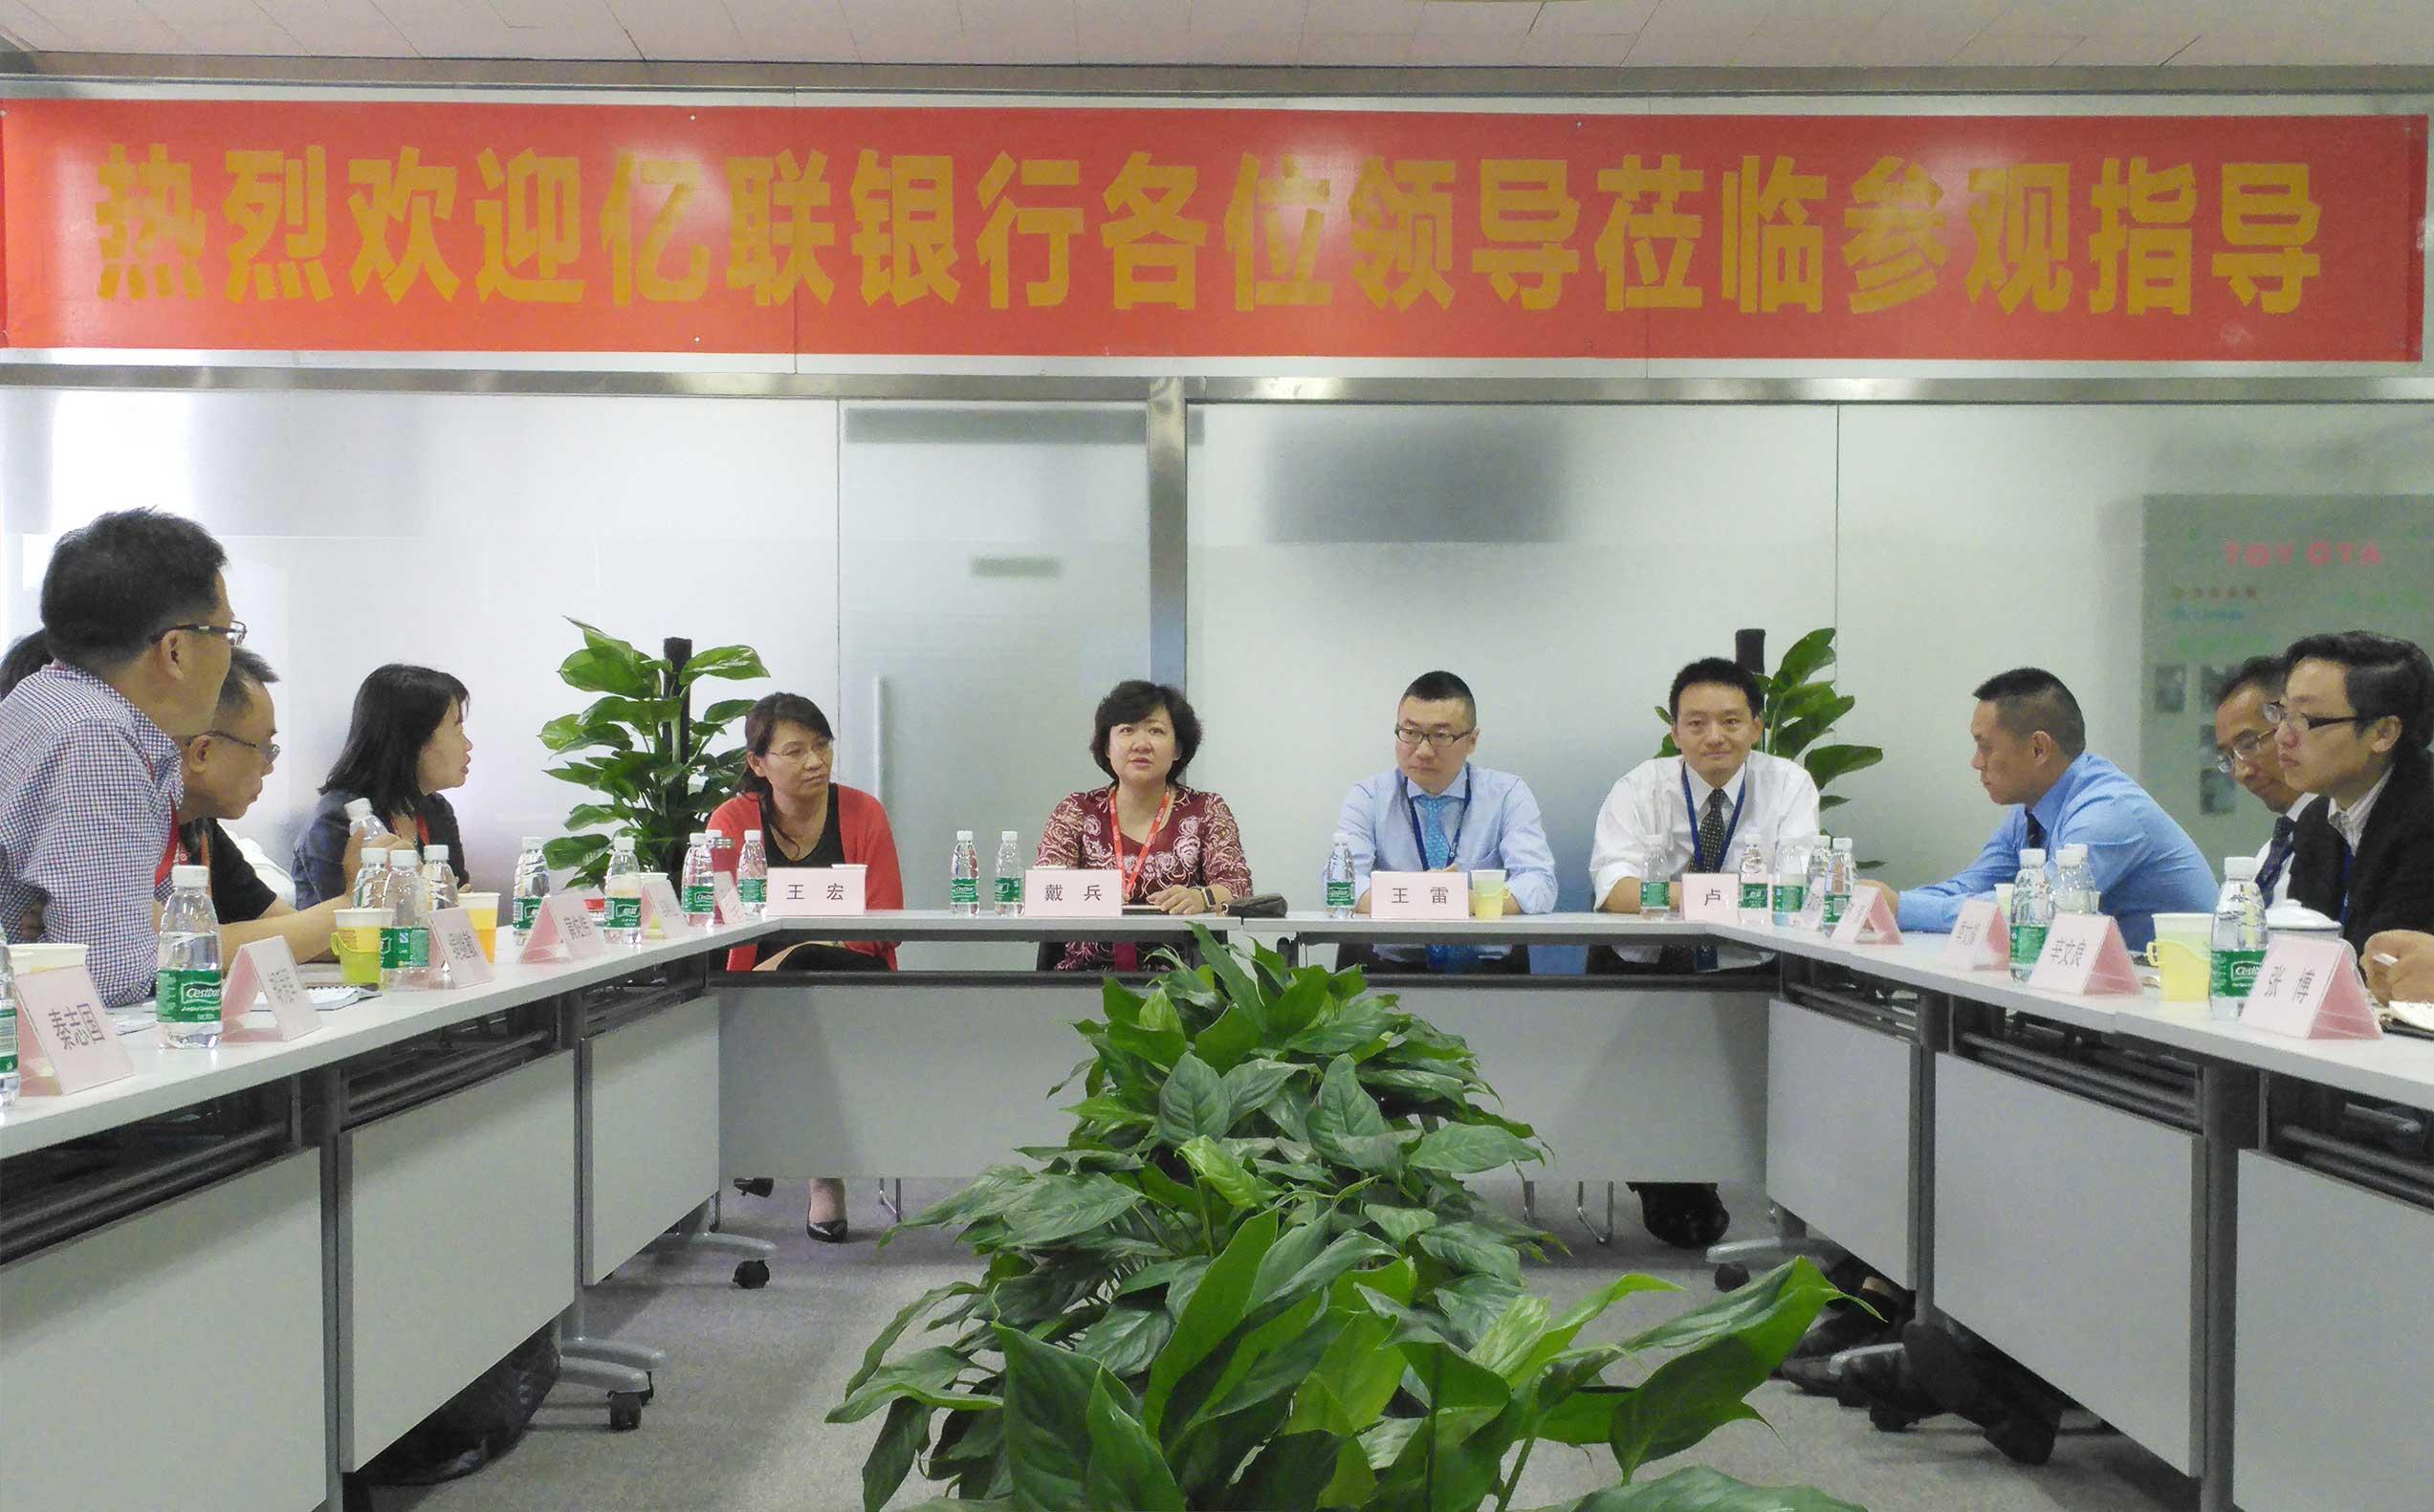 亿联银行行长戴兵一行莅临华道北京中心参观考察